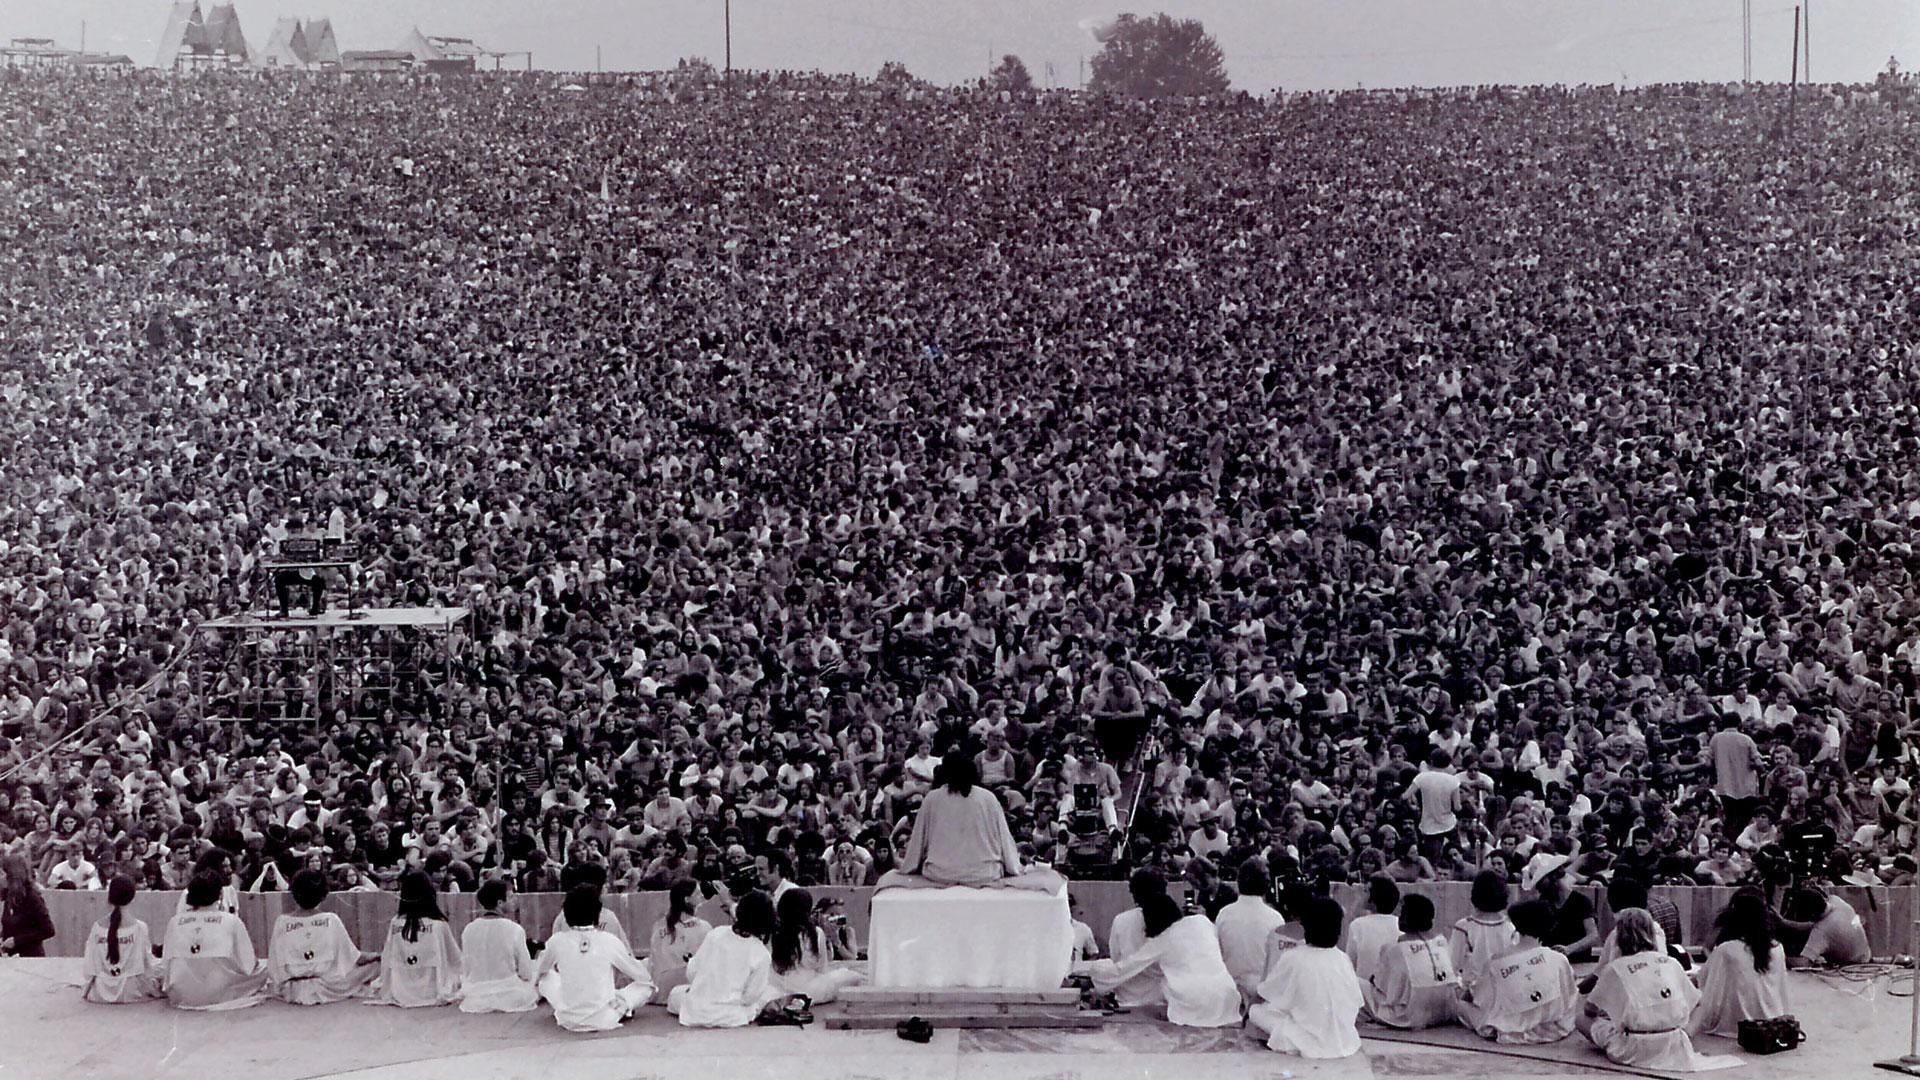 Woodstock opening ceremony21737128-159532